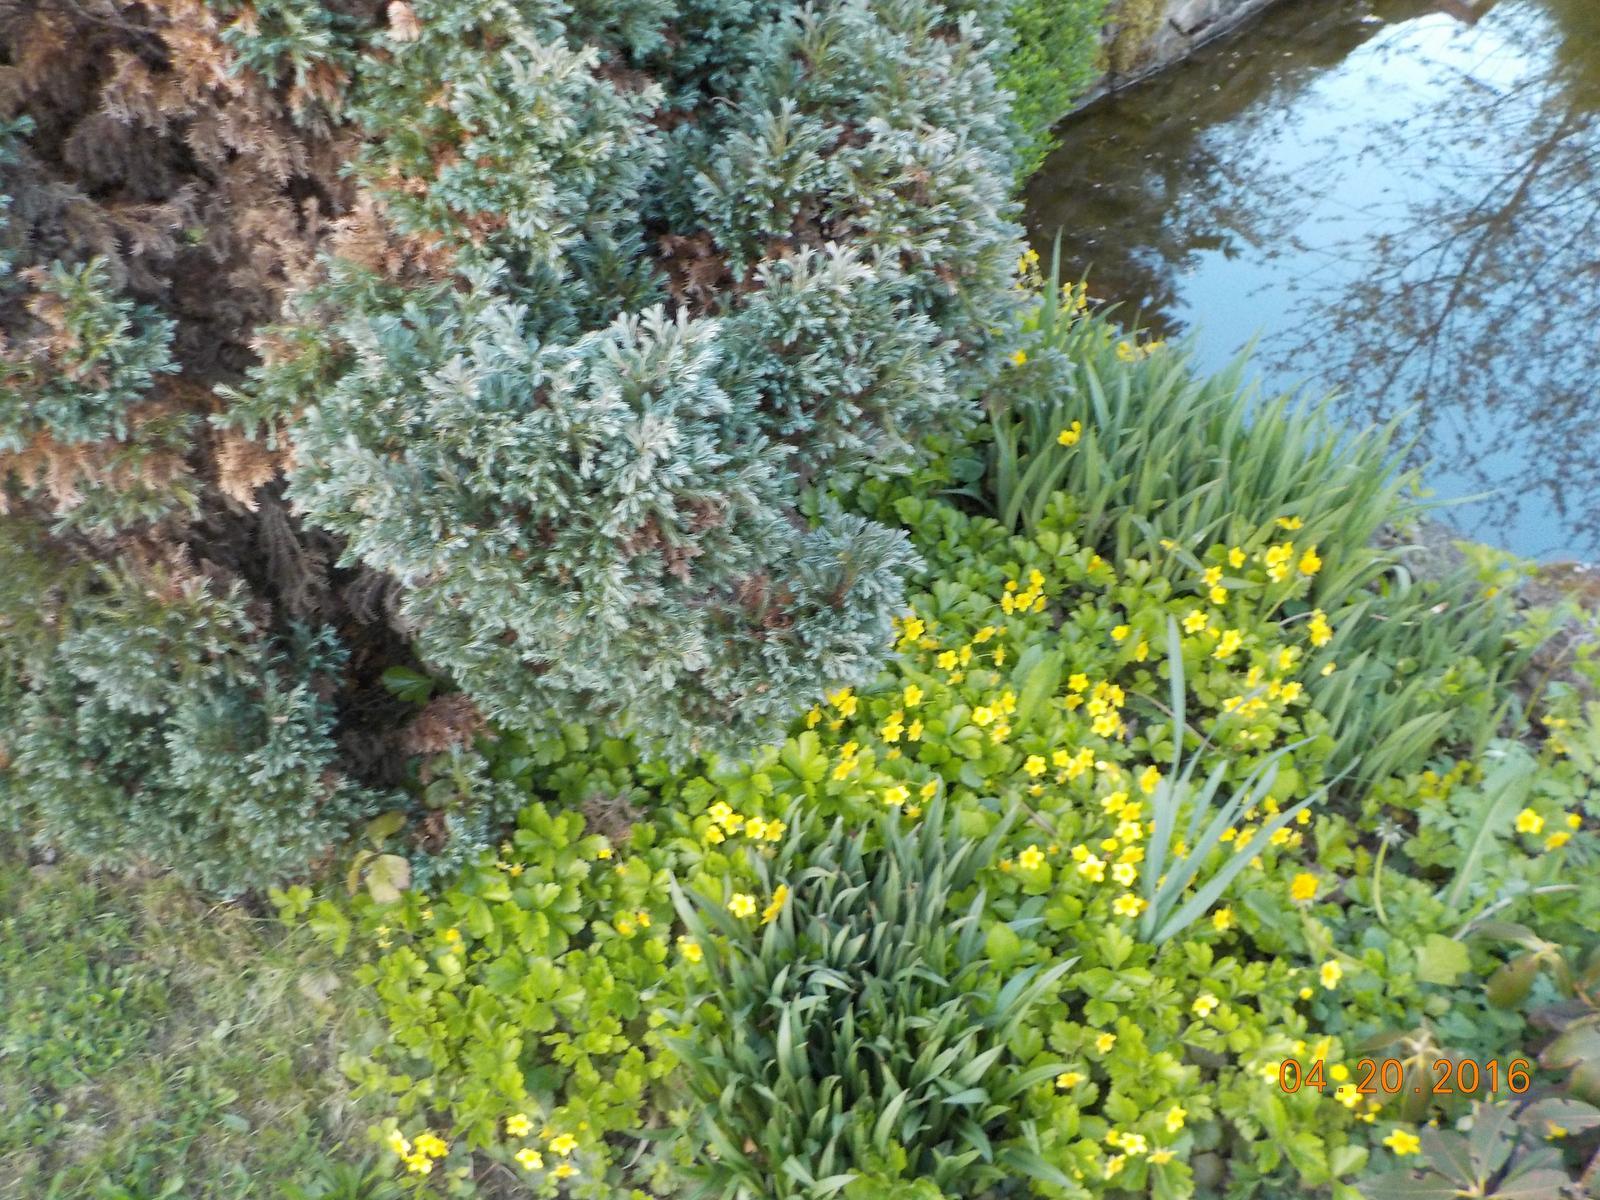 """Okrasná zahrada - můj malý """"ráj"""" - Obrázek č. 55"""